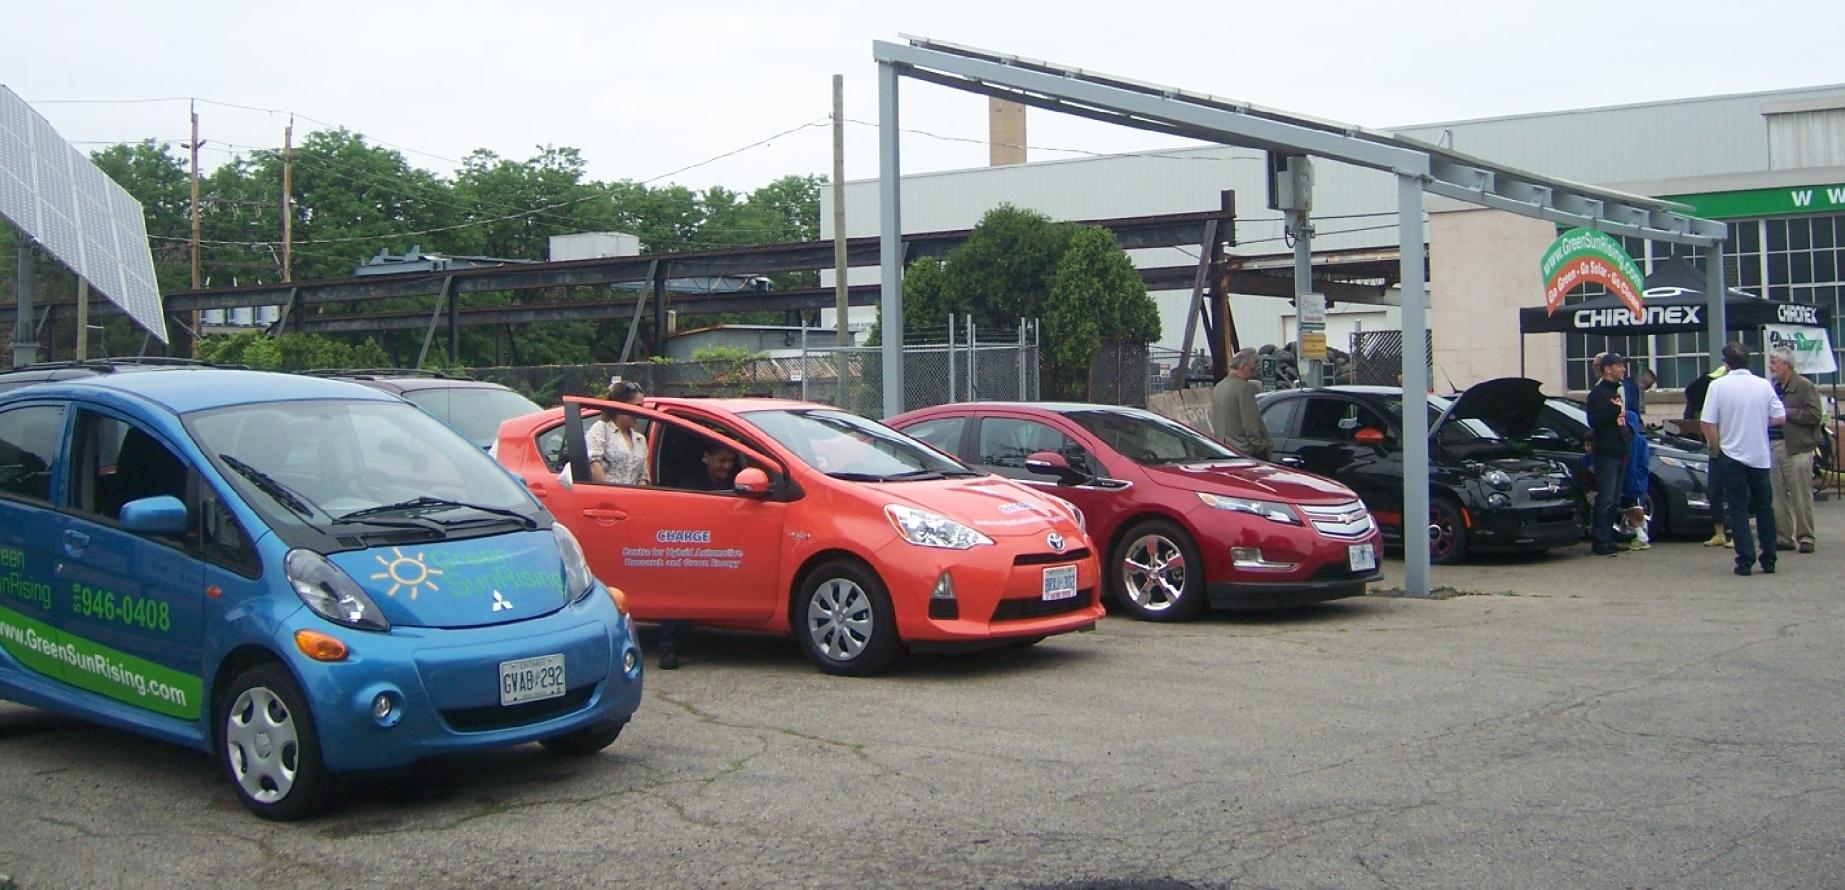 Mitsubishi MiEV, Toyota Prius, Chevrolet Volt, Fiat 500e